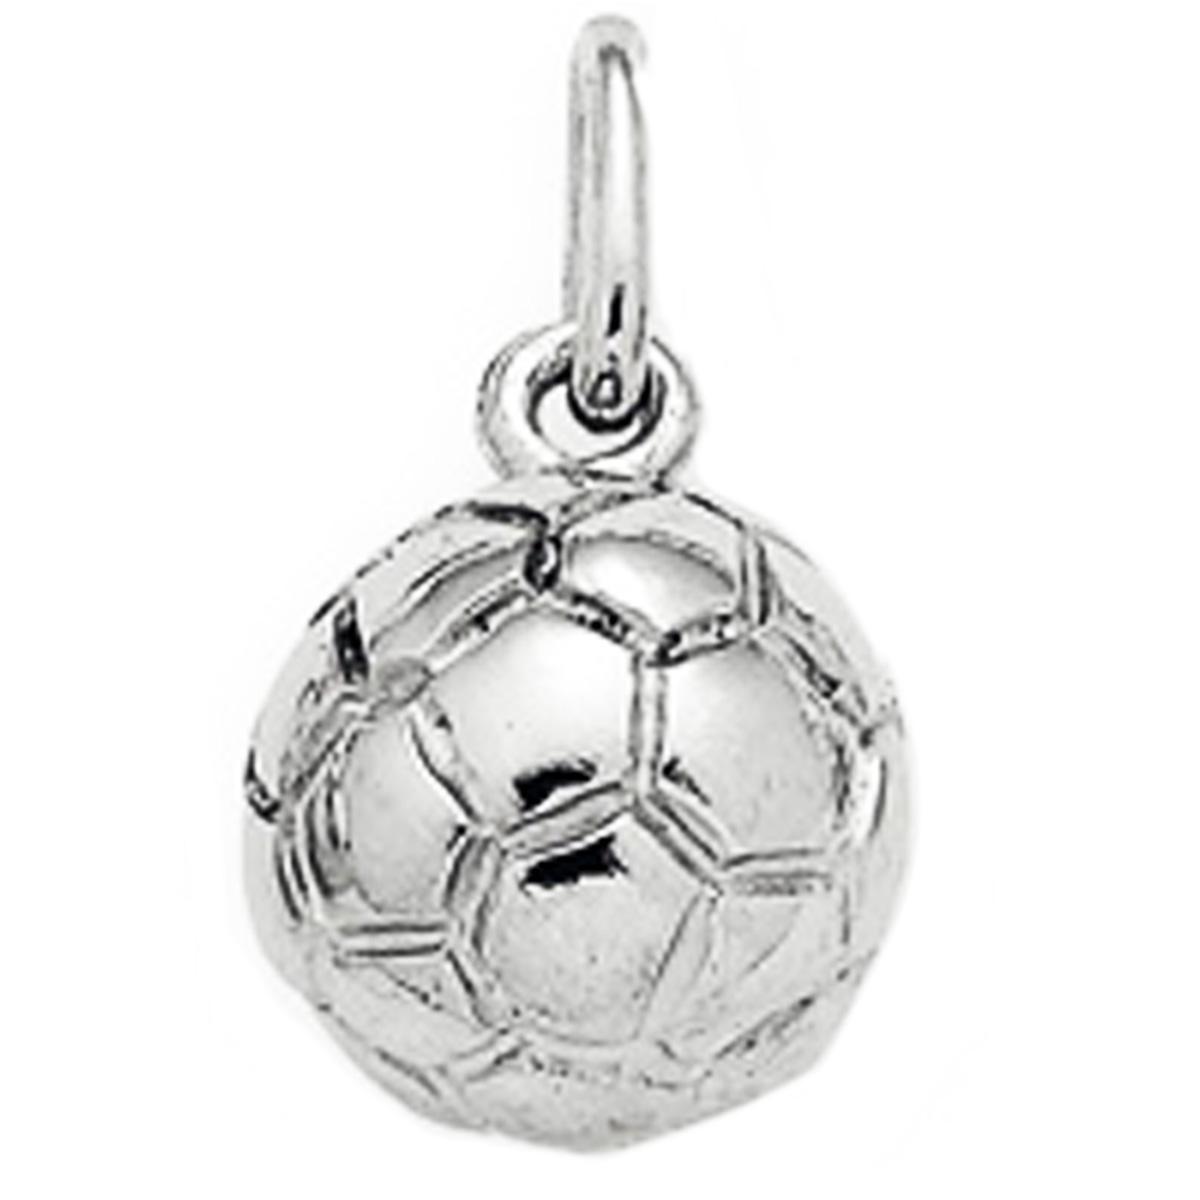 Pendentif Argent \'Football\' argenté (rhodié) - 8 mm - [P4394]